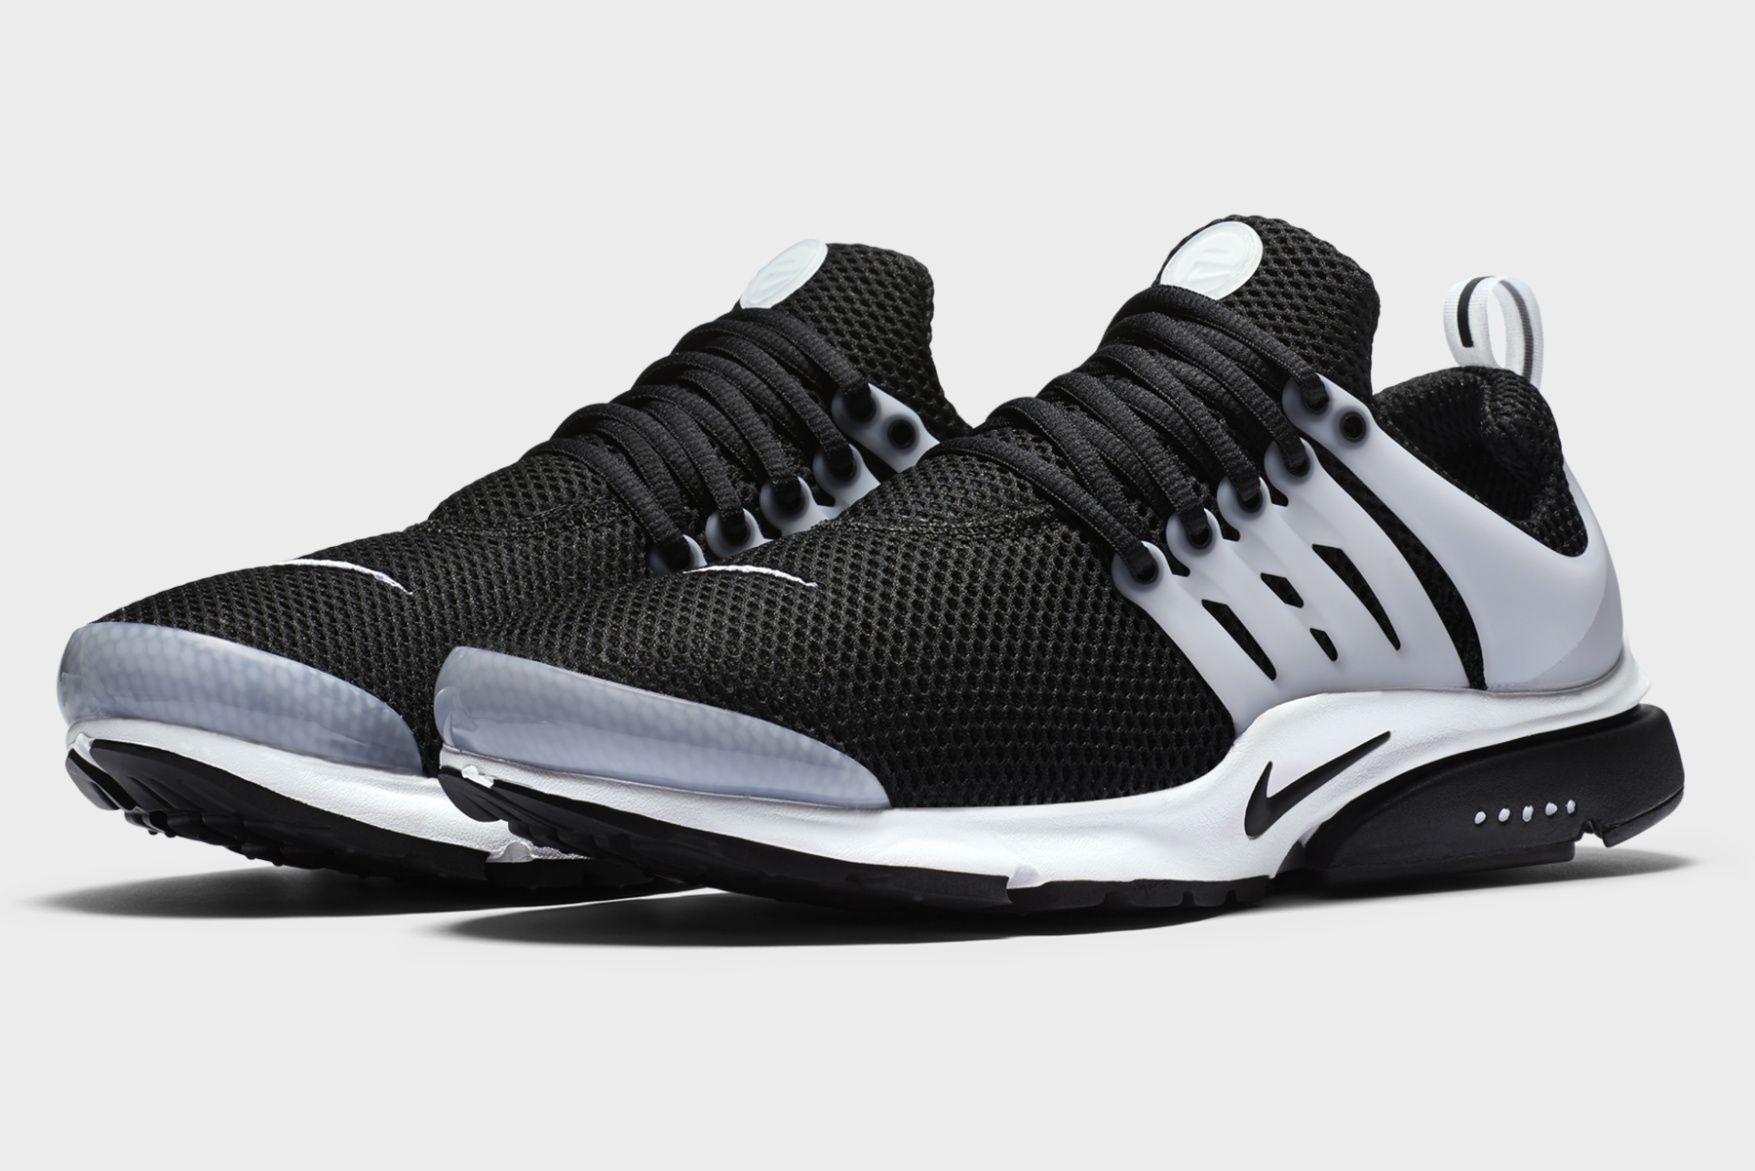 06ffa69aa061 Nike Air Presto 全新「Black Neutral Grey」配色上架